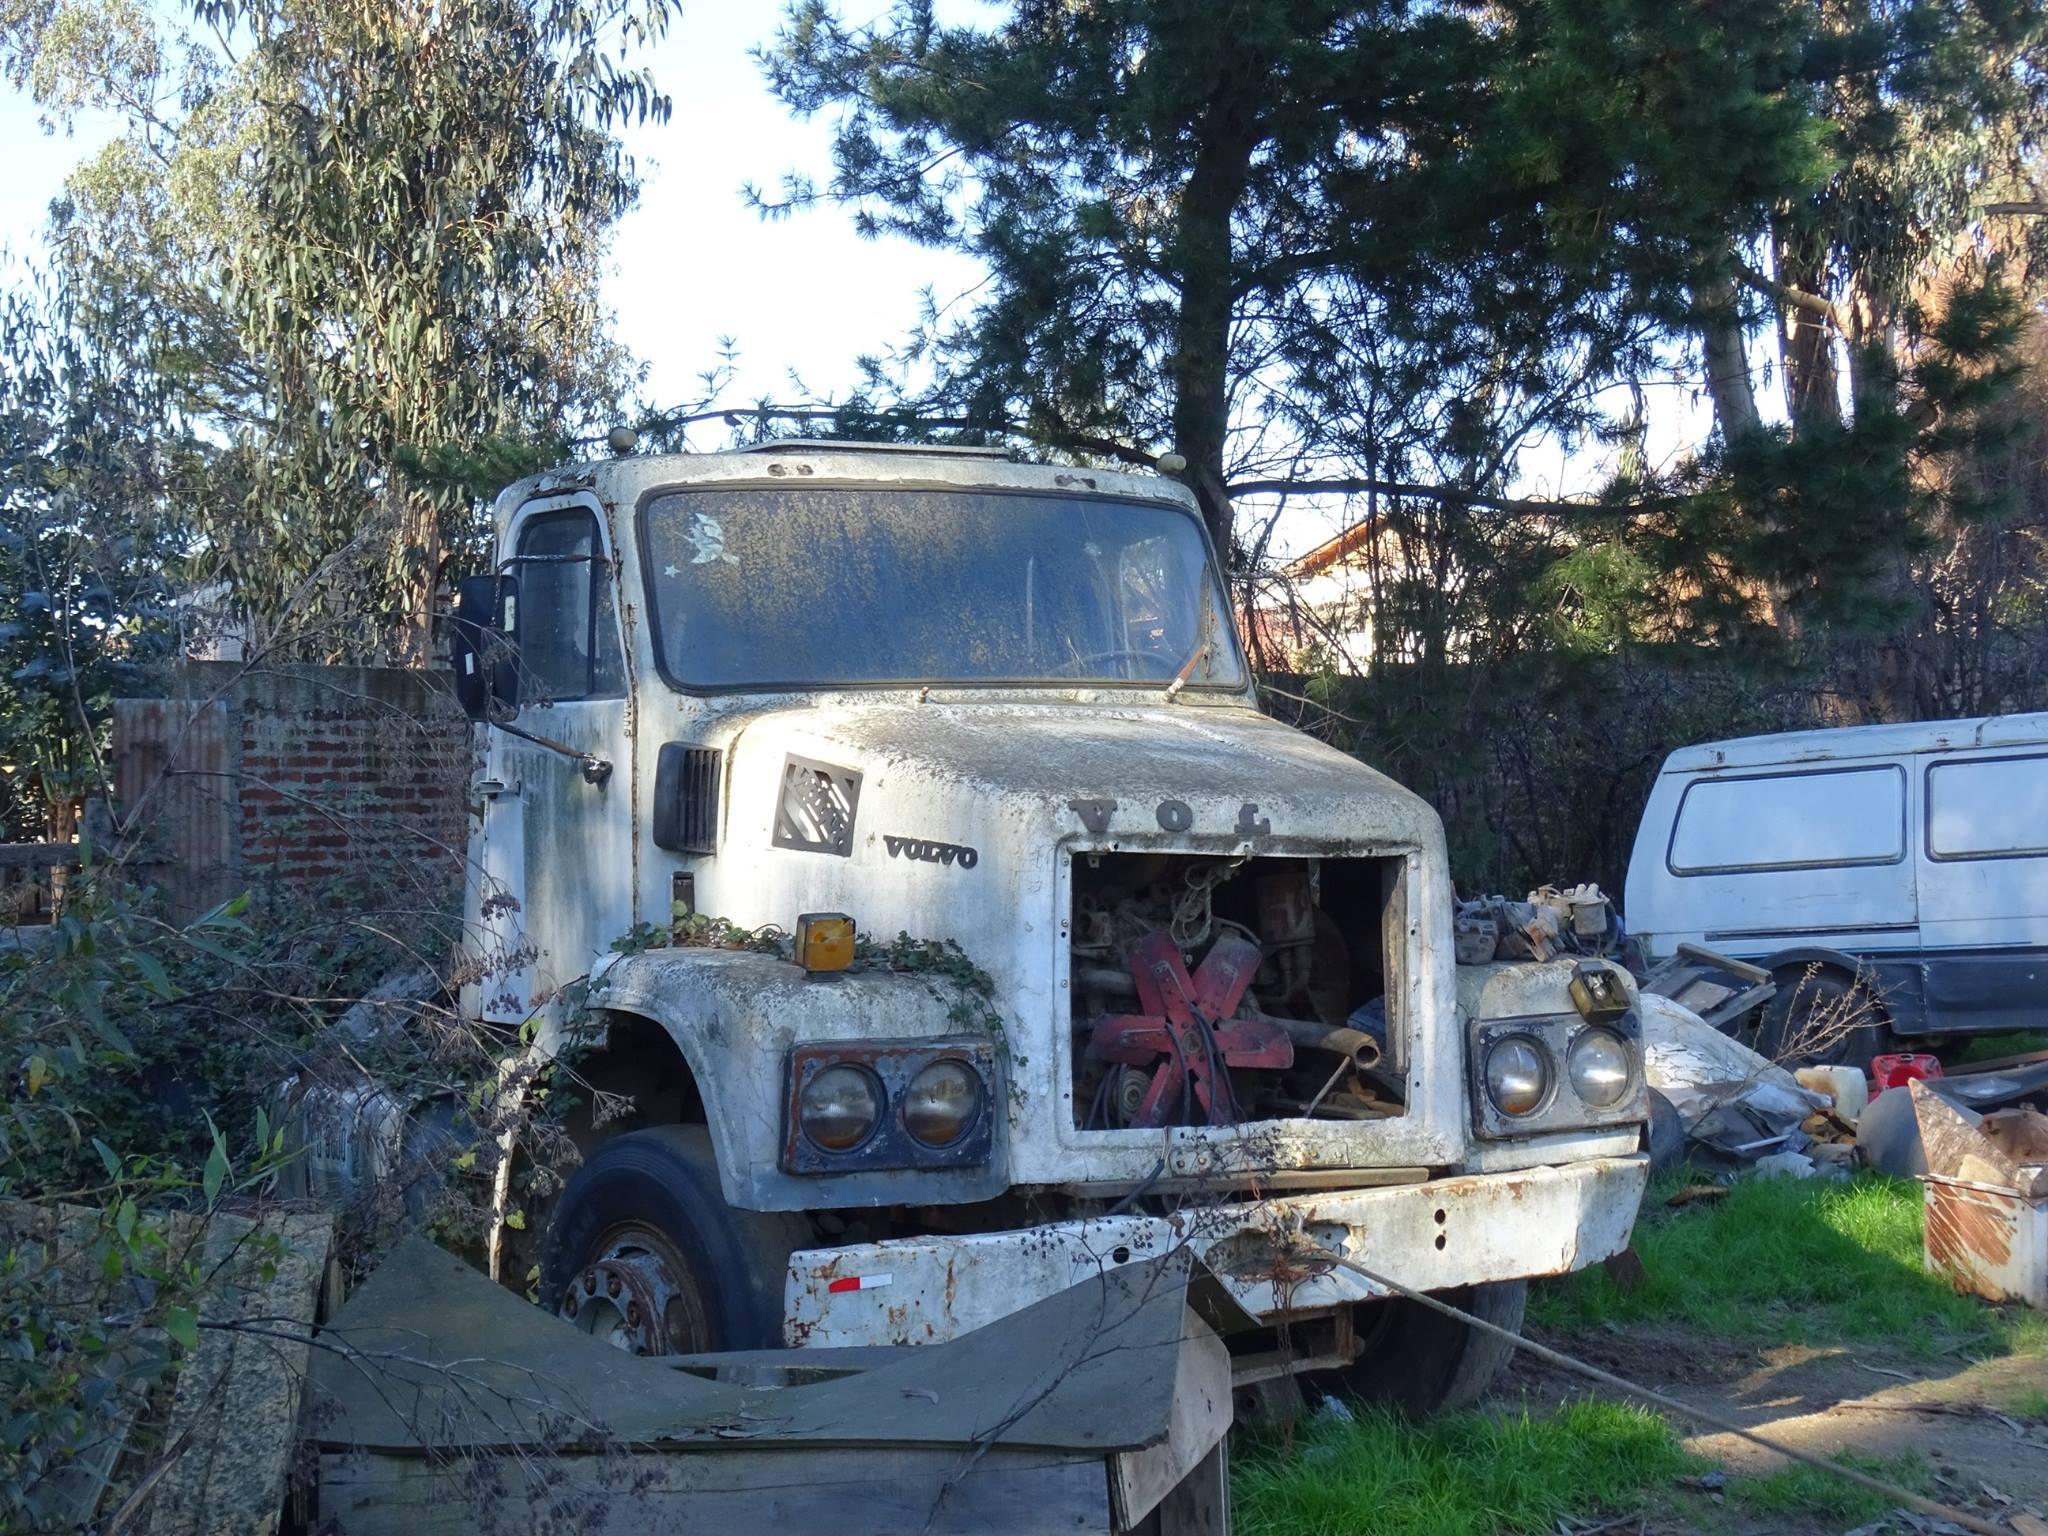 Camiones-vieja-escuela-olvidados-44